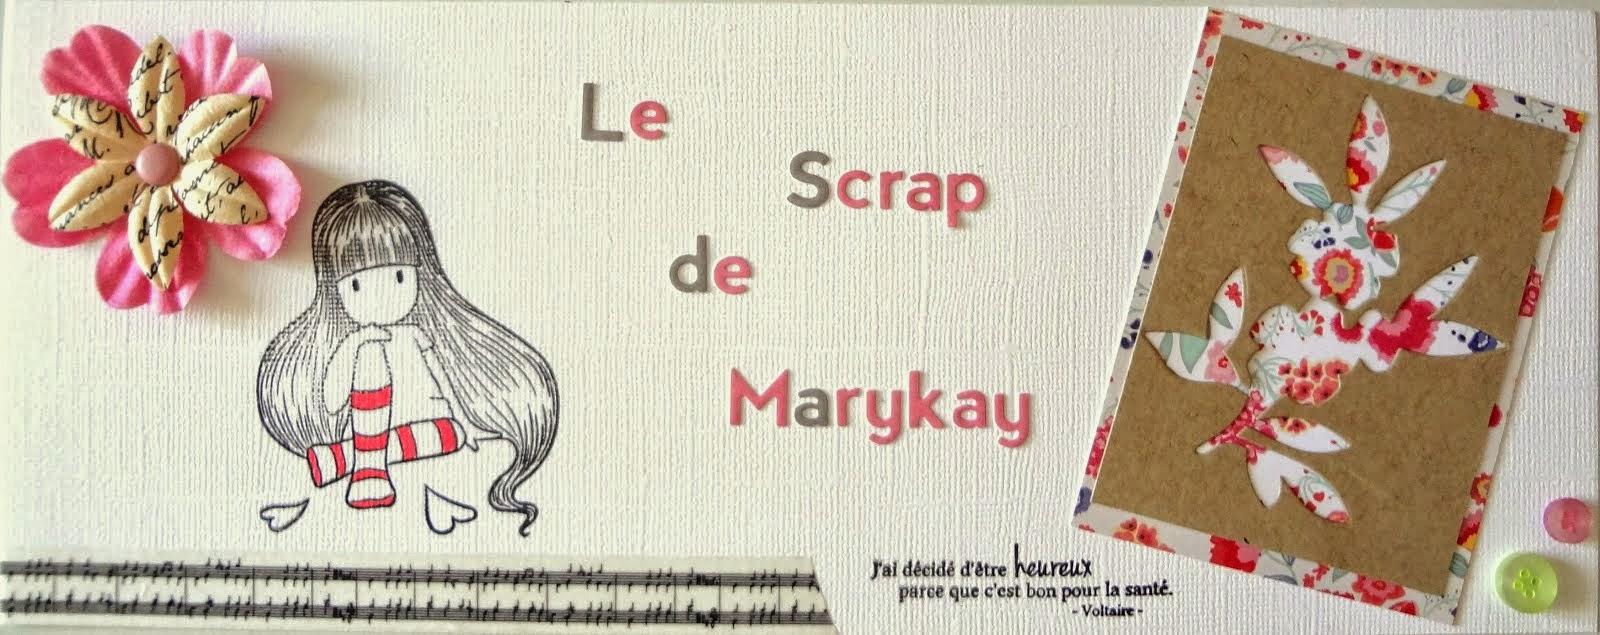 MarykayScrap